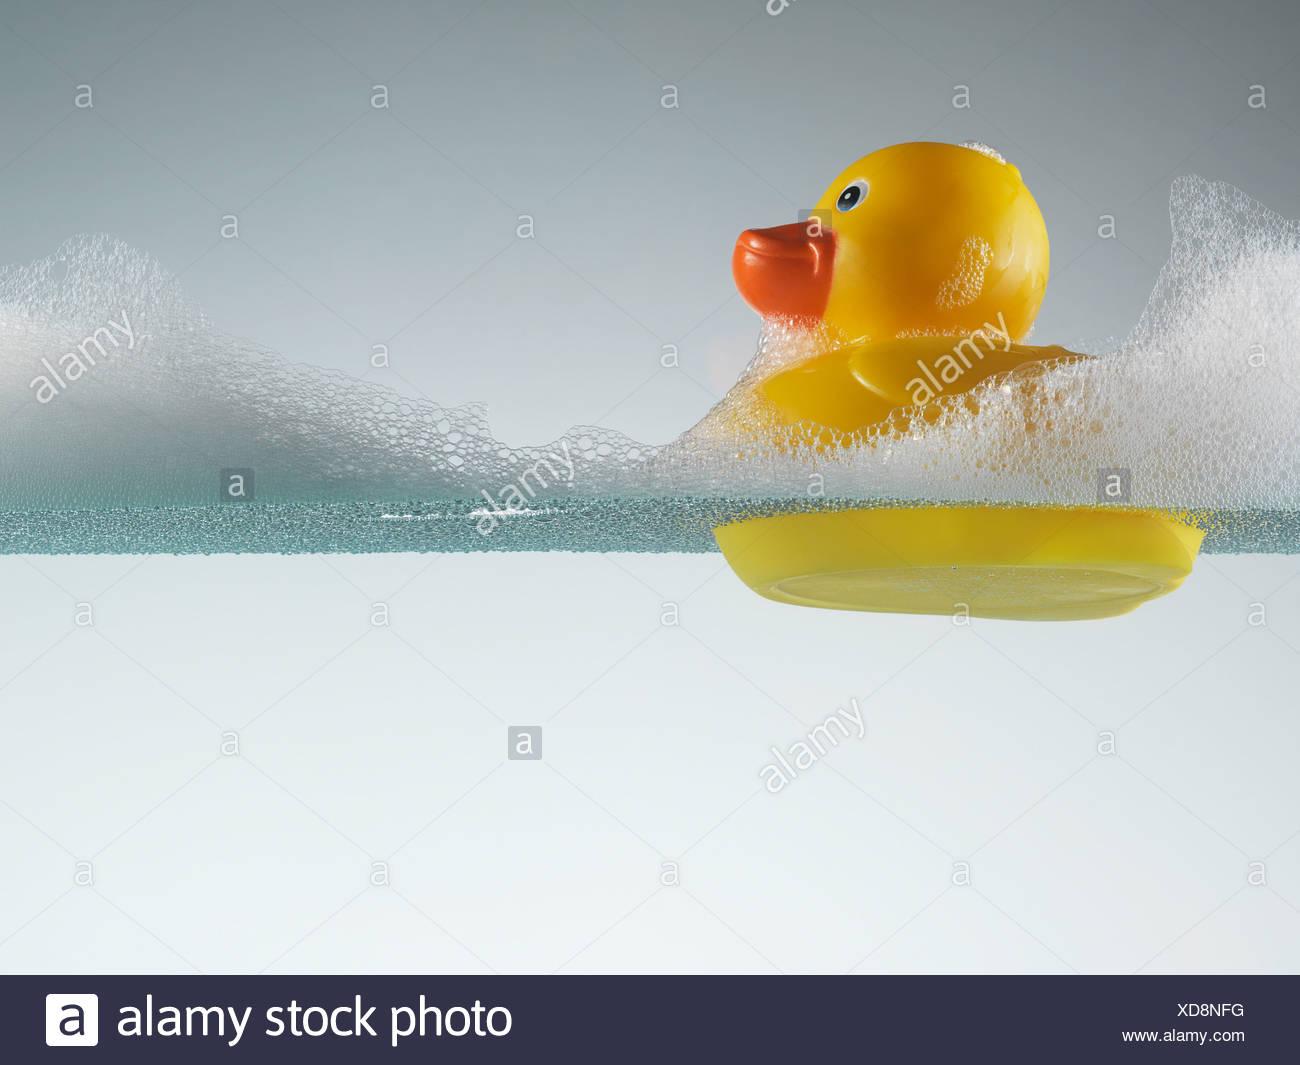 Rubber Duck galleggiante in acqua saponata Immagini Stock